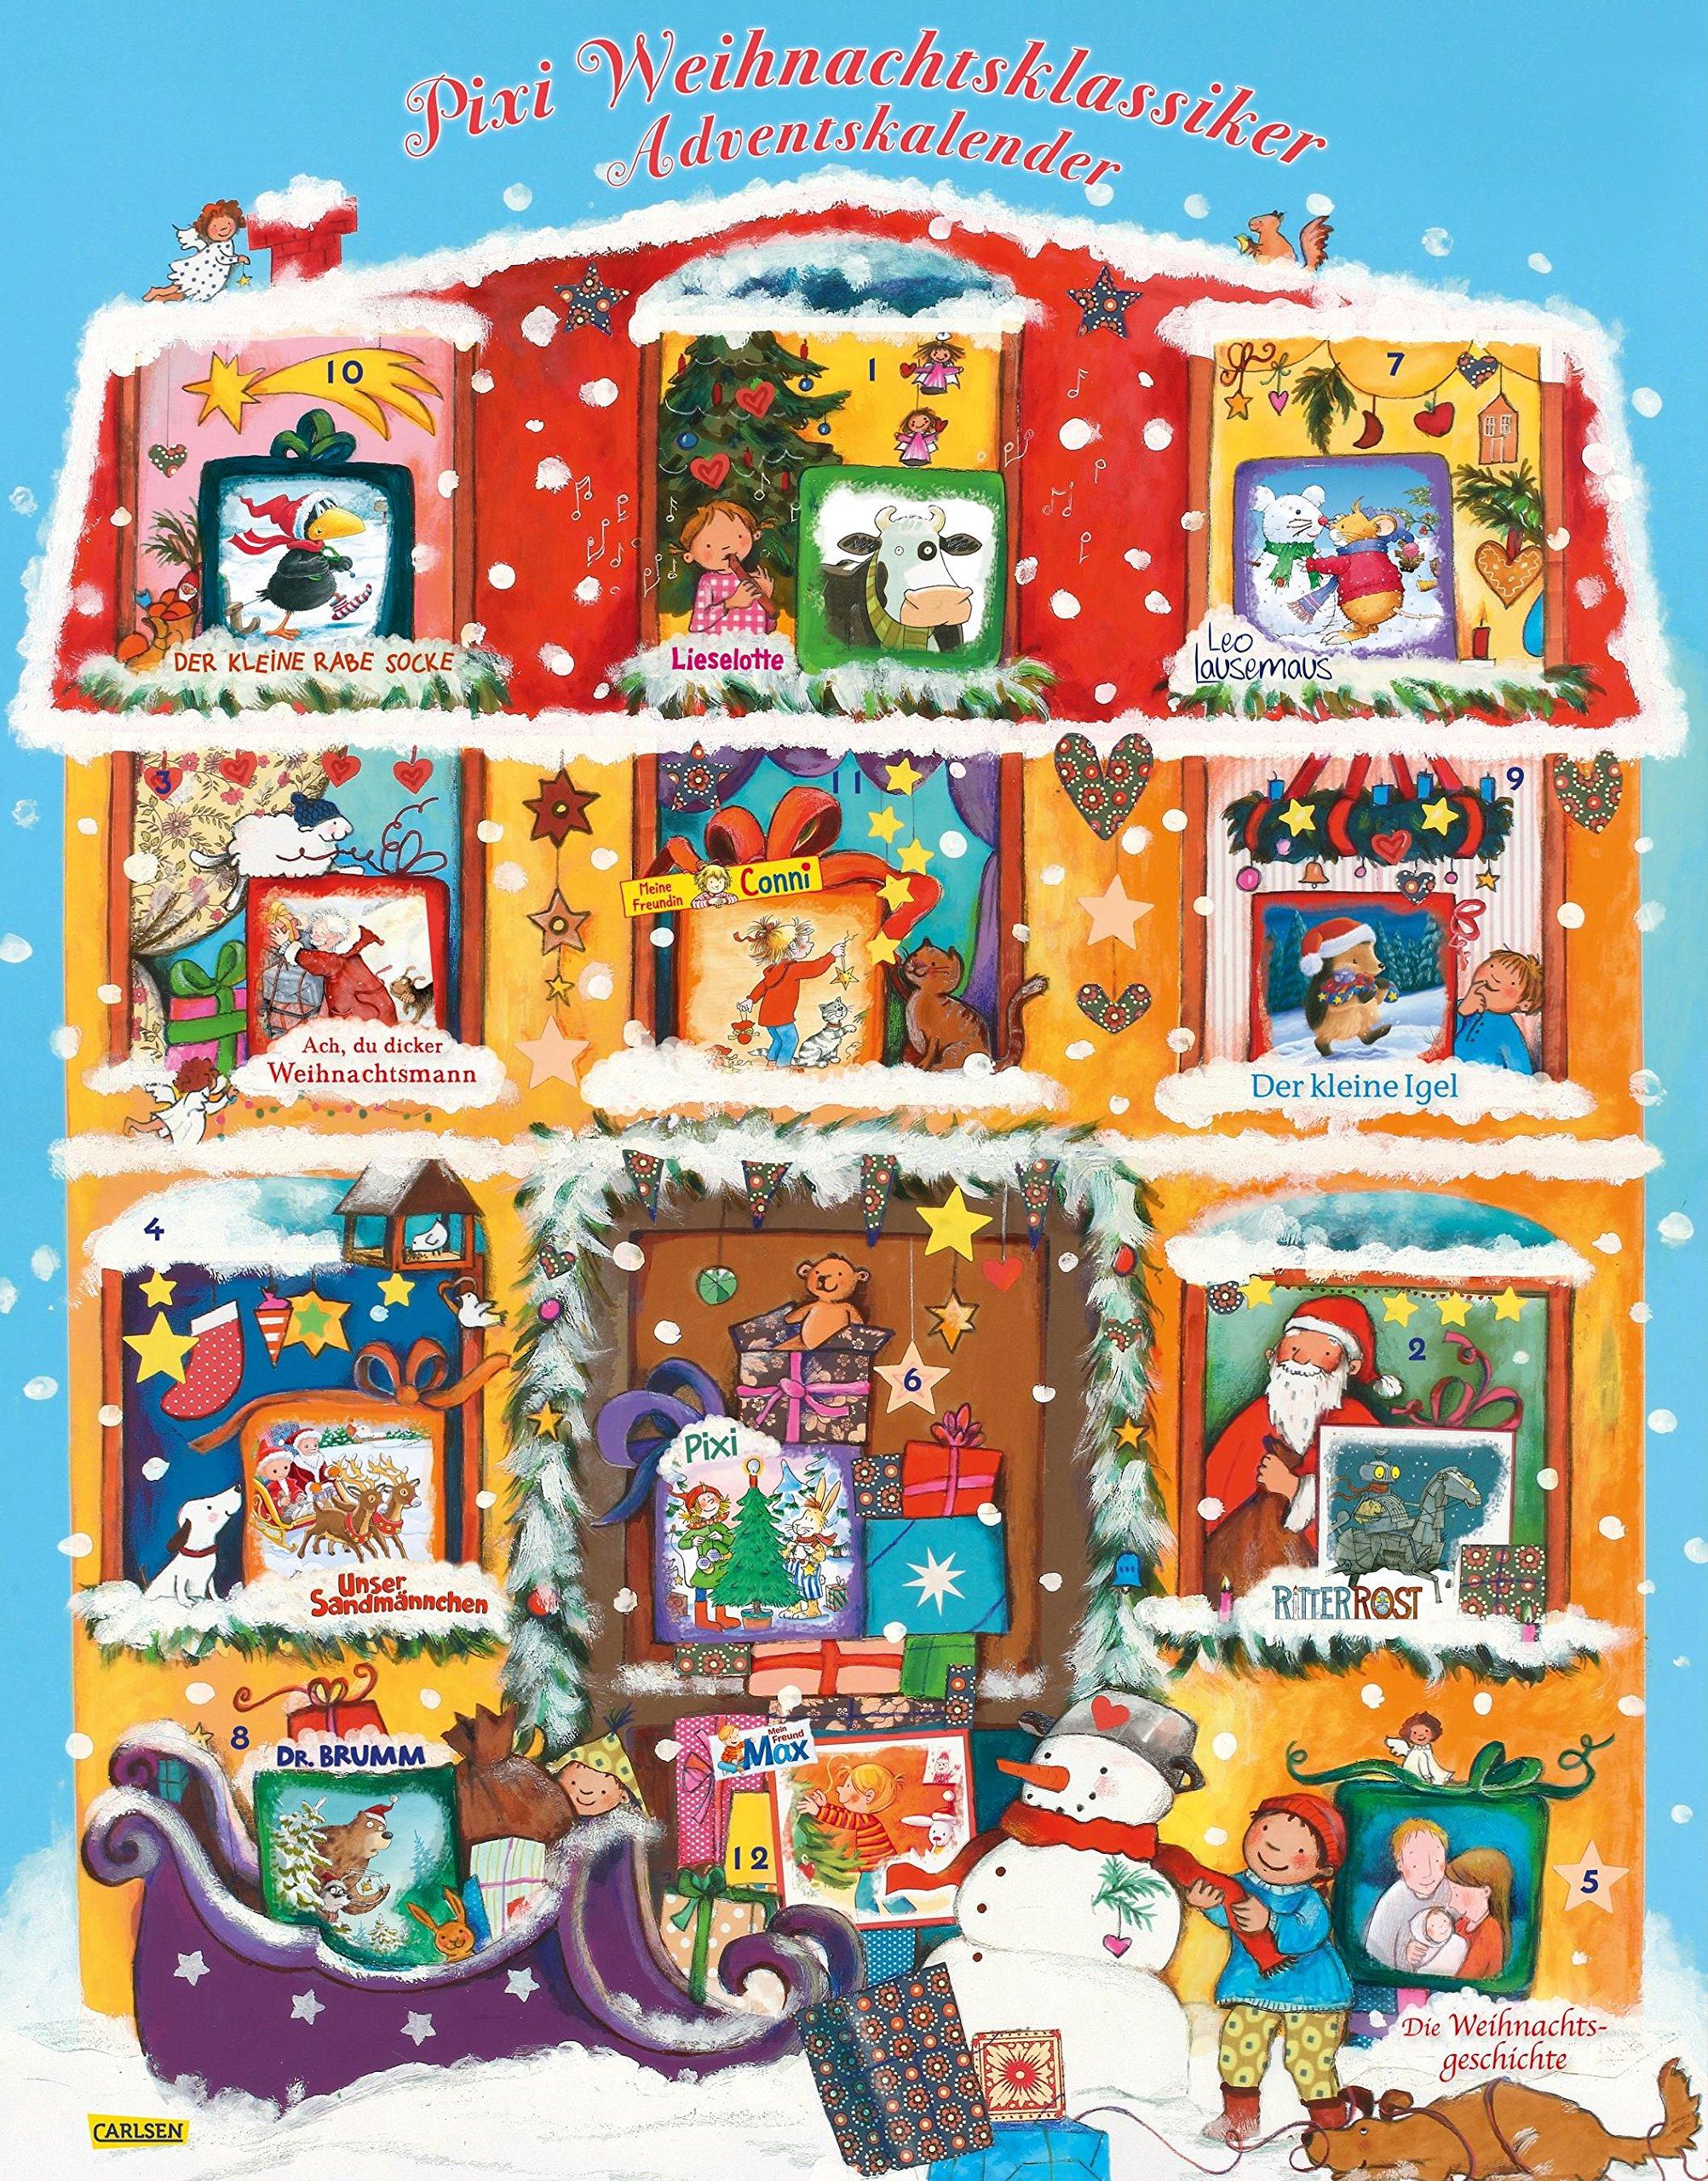 Pixi Adventskalender mit Weihnachts-Bestsellern 2018: Adventskalender mit 22 Pixi-Büchern und 2 Maxi-Pixi Kalender – 25. Juli 2018 Diverse Carlsen 3551041717 1674592